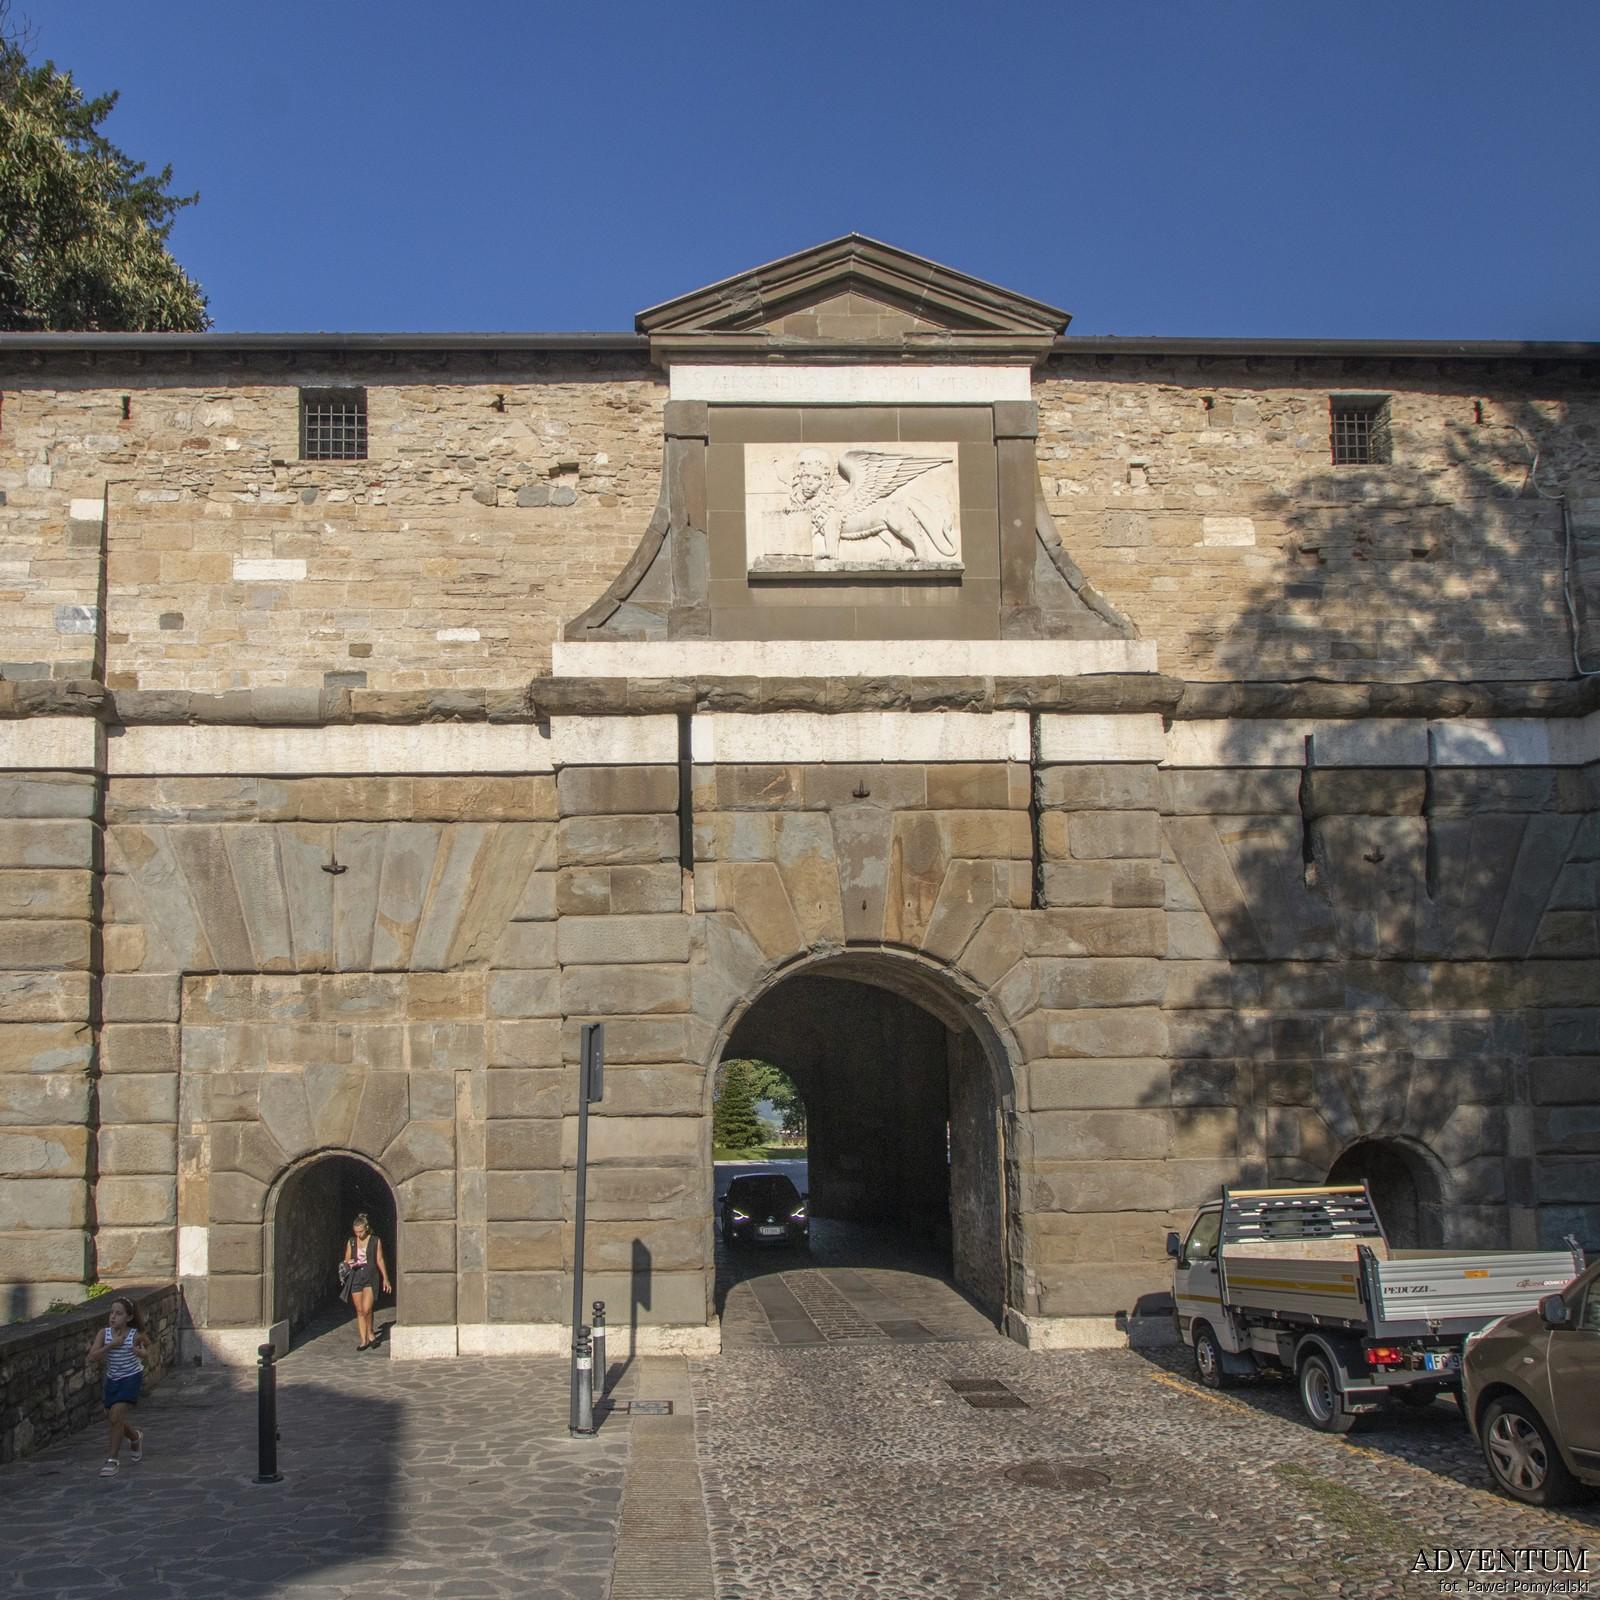 Bergamo Mury Oronne Włochy Italia Atrakcje Loty Noclegi Mapa Widoki Tanie Linie Lotnisko